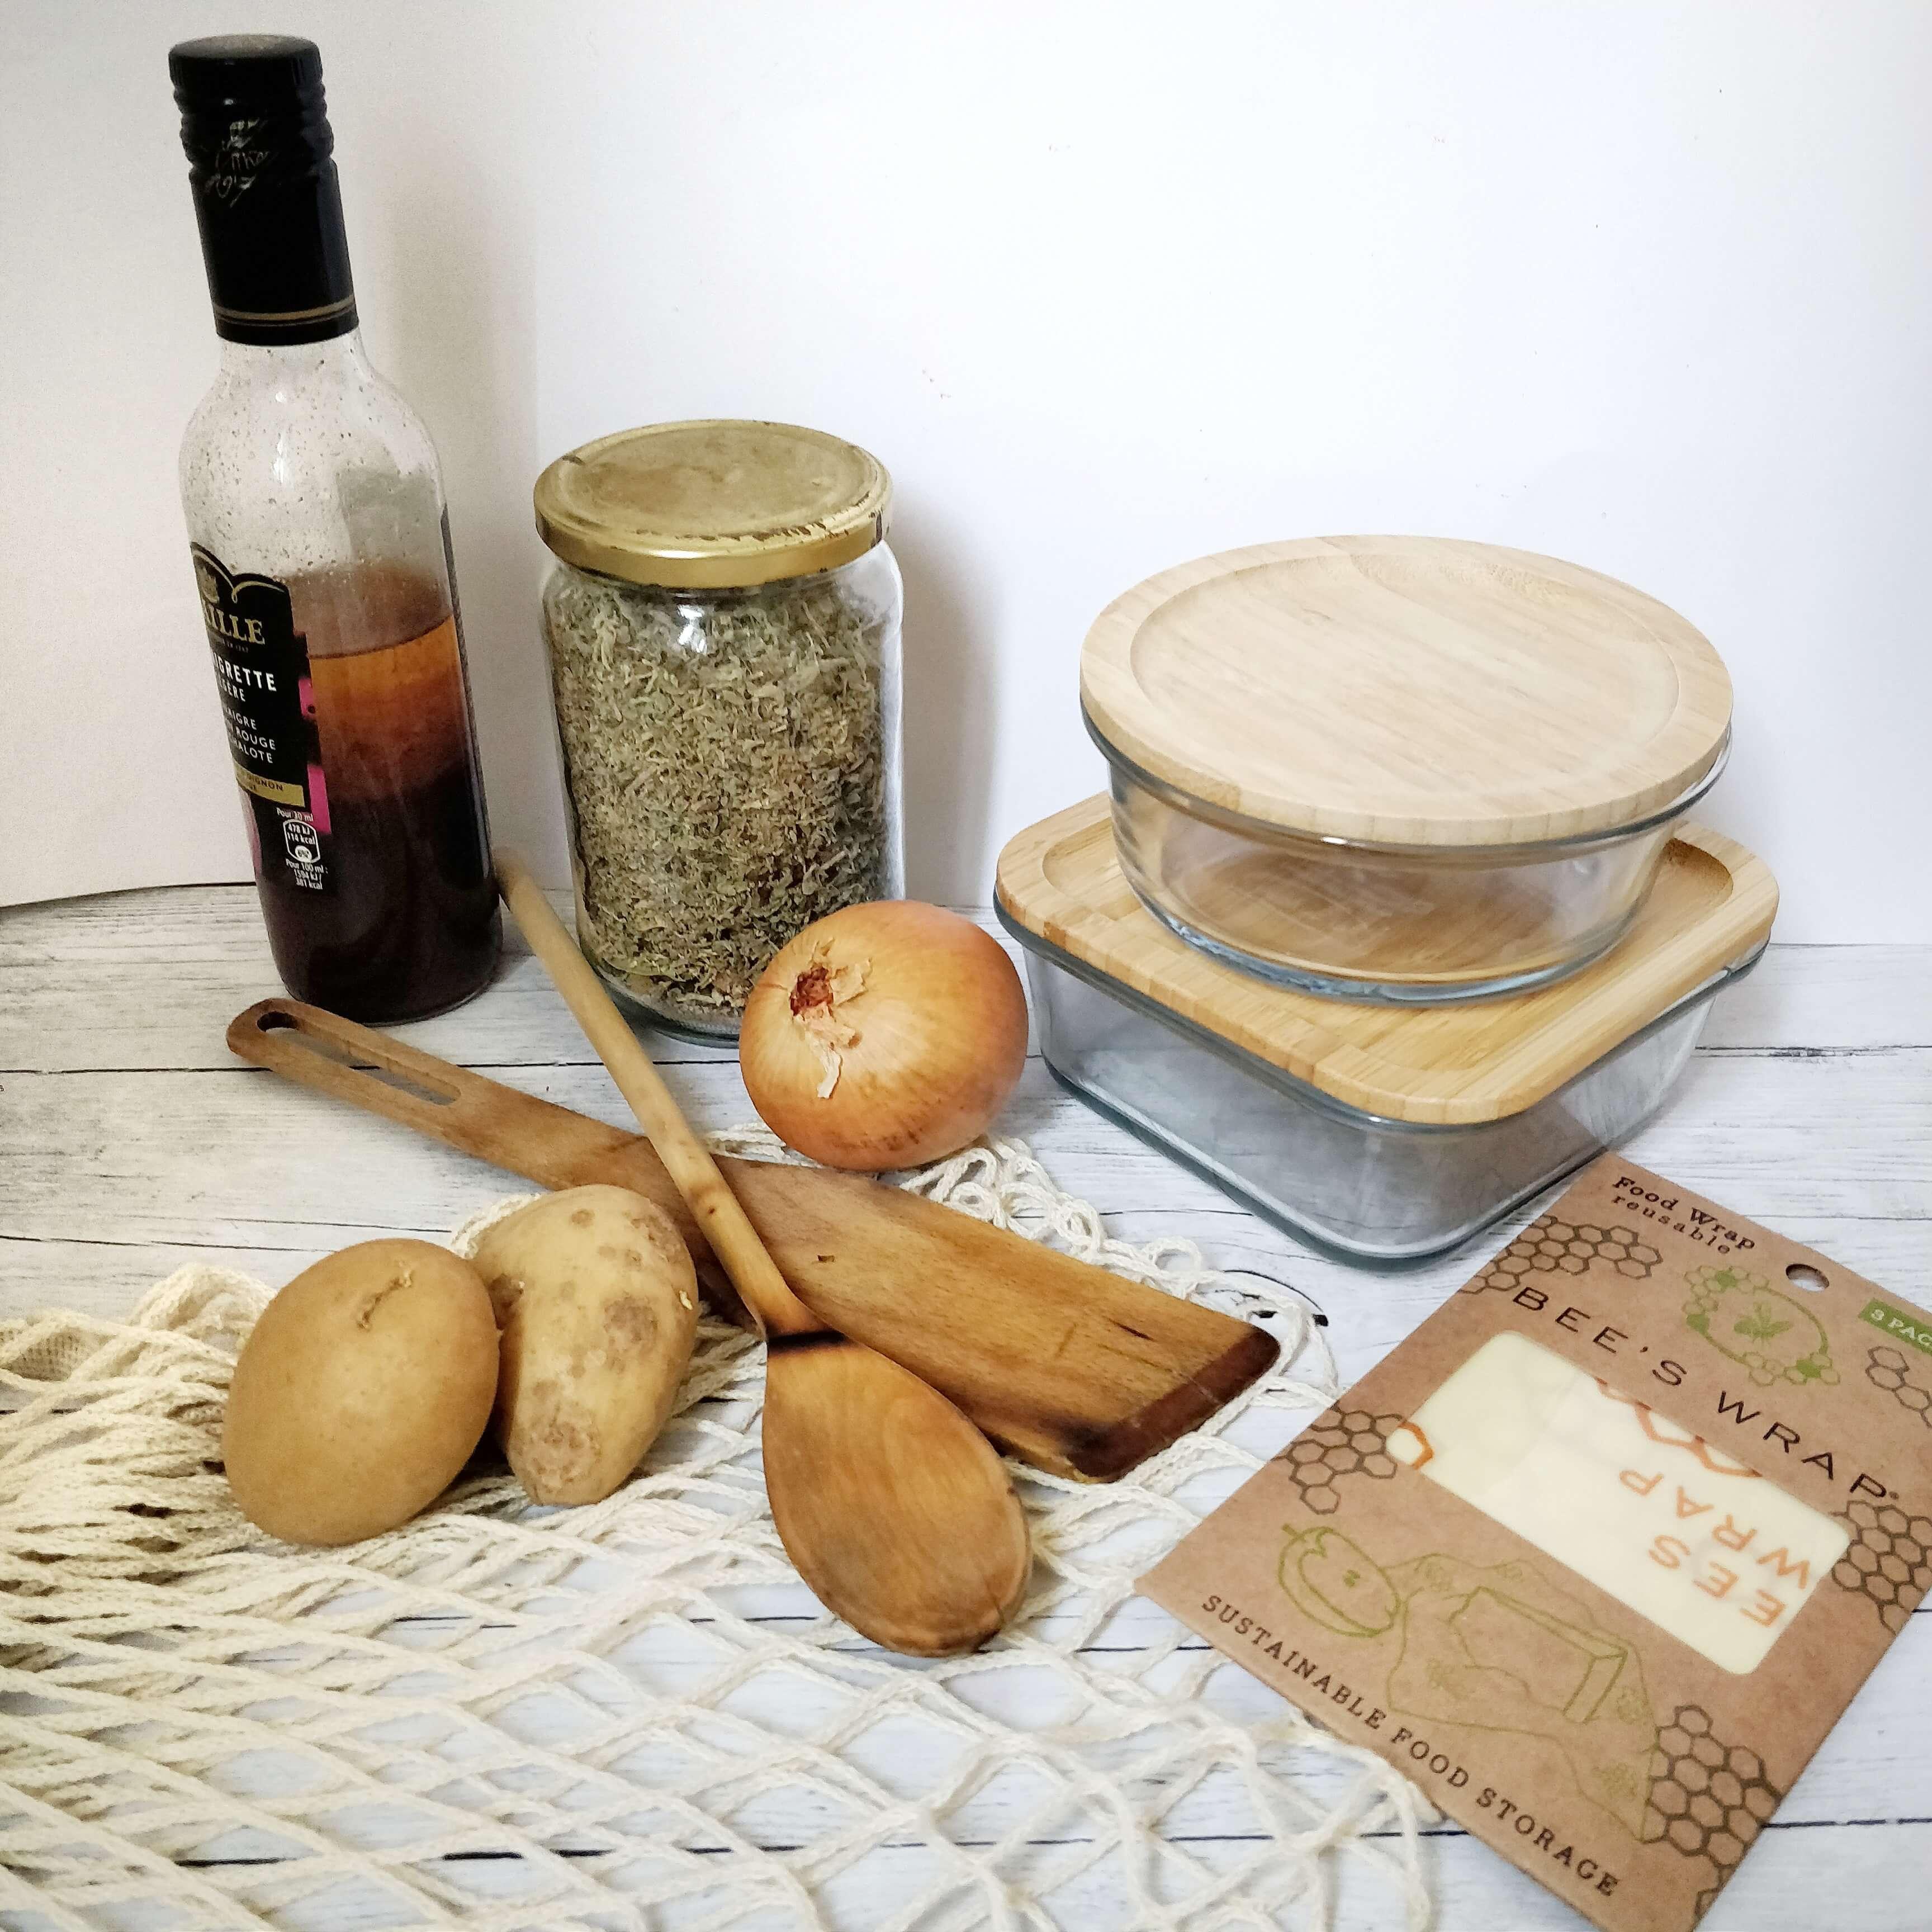 consommer eco responsable cuisine réduire déchets - Consommer éco-responsable et réduire ses déchets